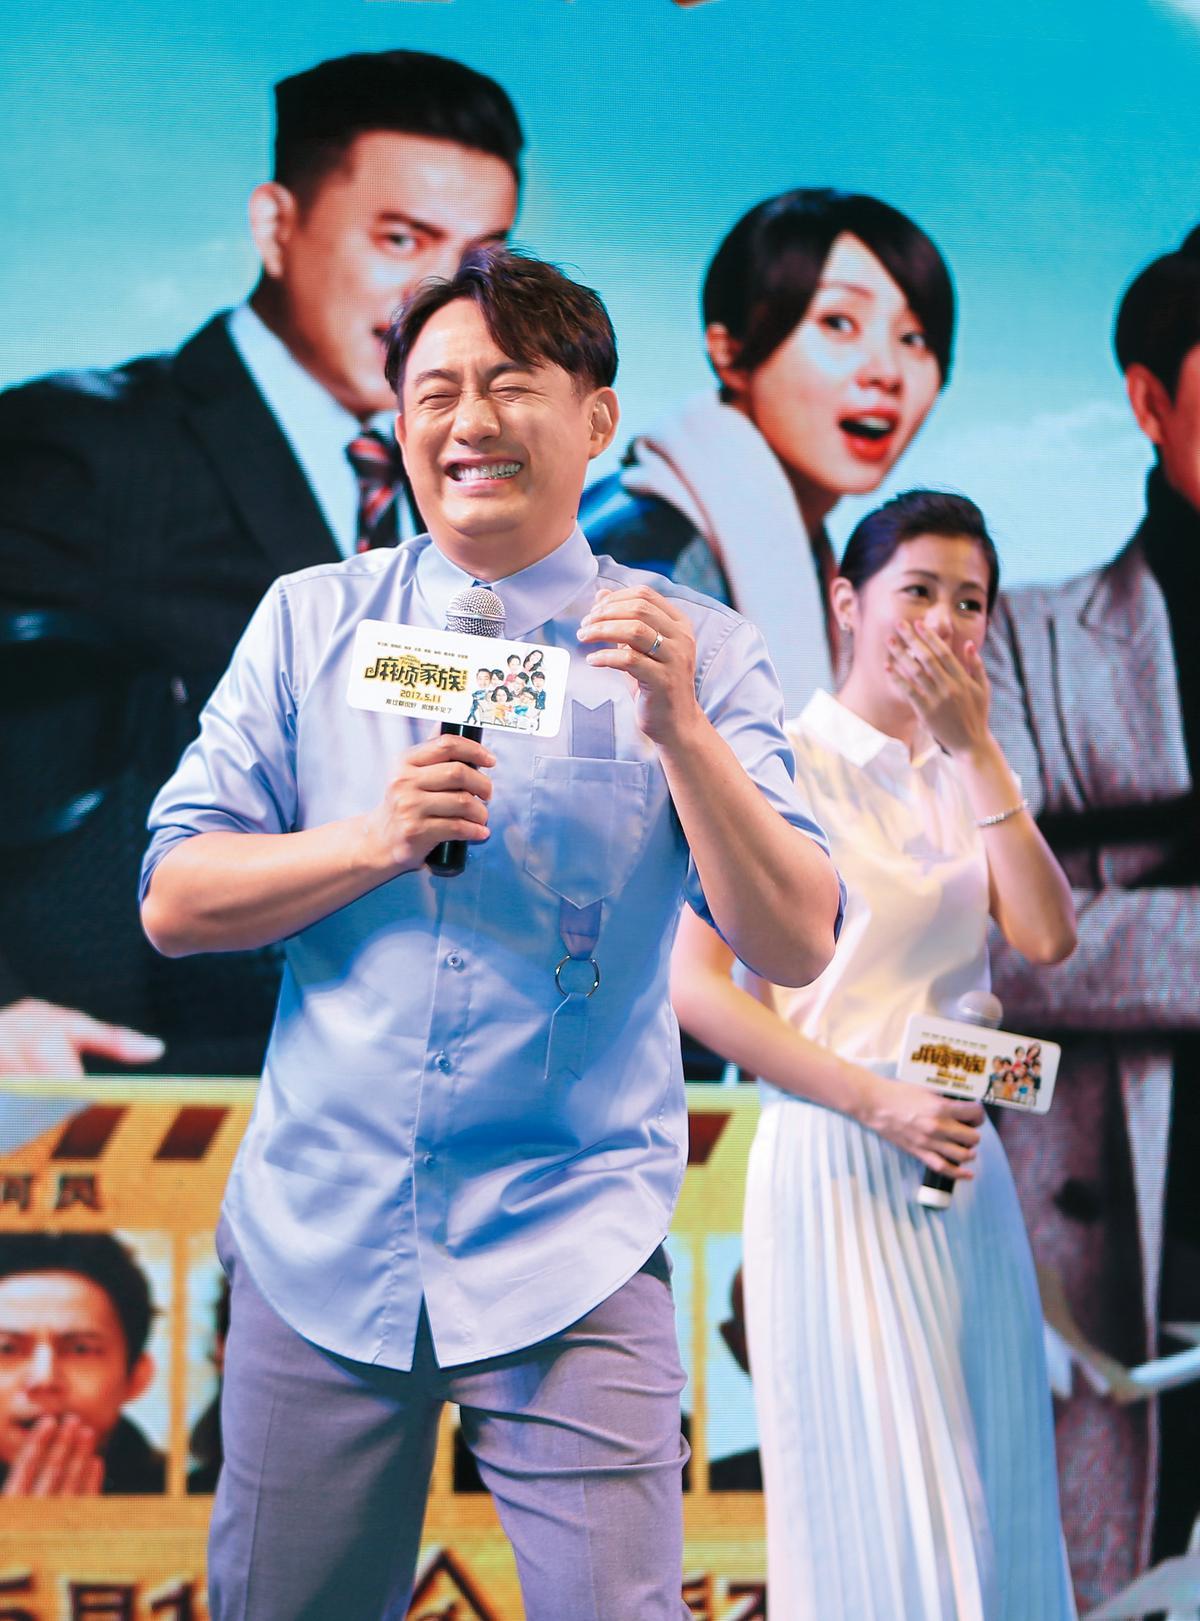 黃磊在自導自演電影《麻煩家族》發布會上使出渾身解數,盼拉抬作品聲勢,這次卻沒在其投資的電視劇《深夜食堂》發布會出現,十分不尋常。(東方IC)